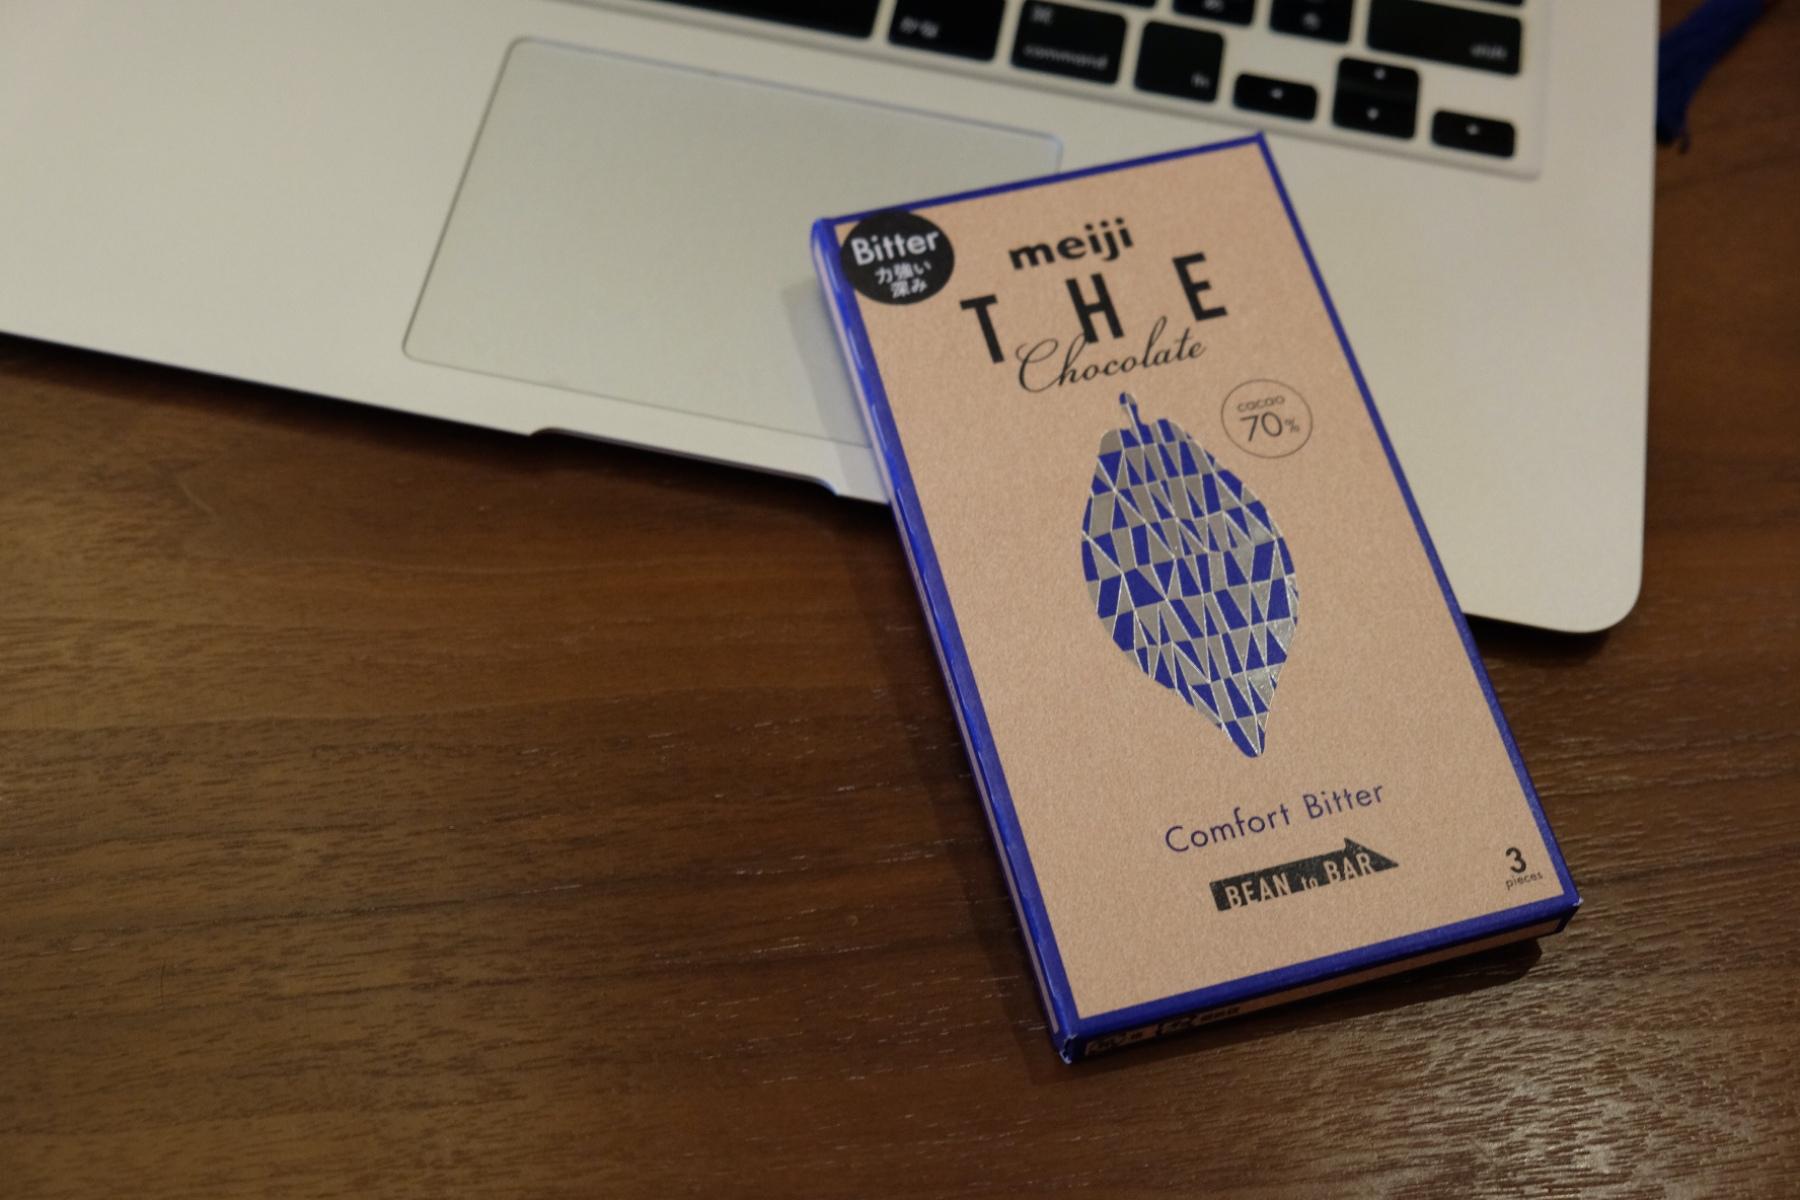 明治「ザ・チョコレート」の立役者に聞く、開発の裏側